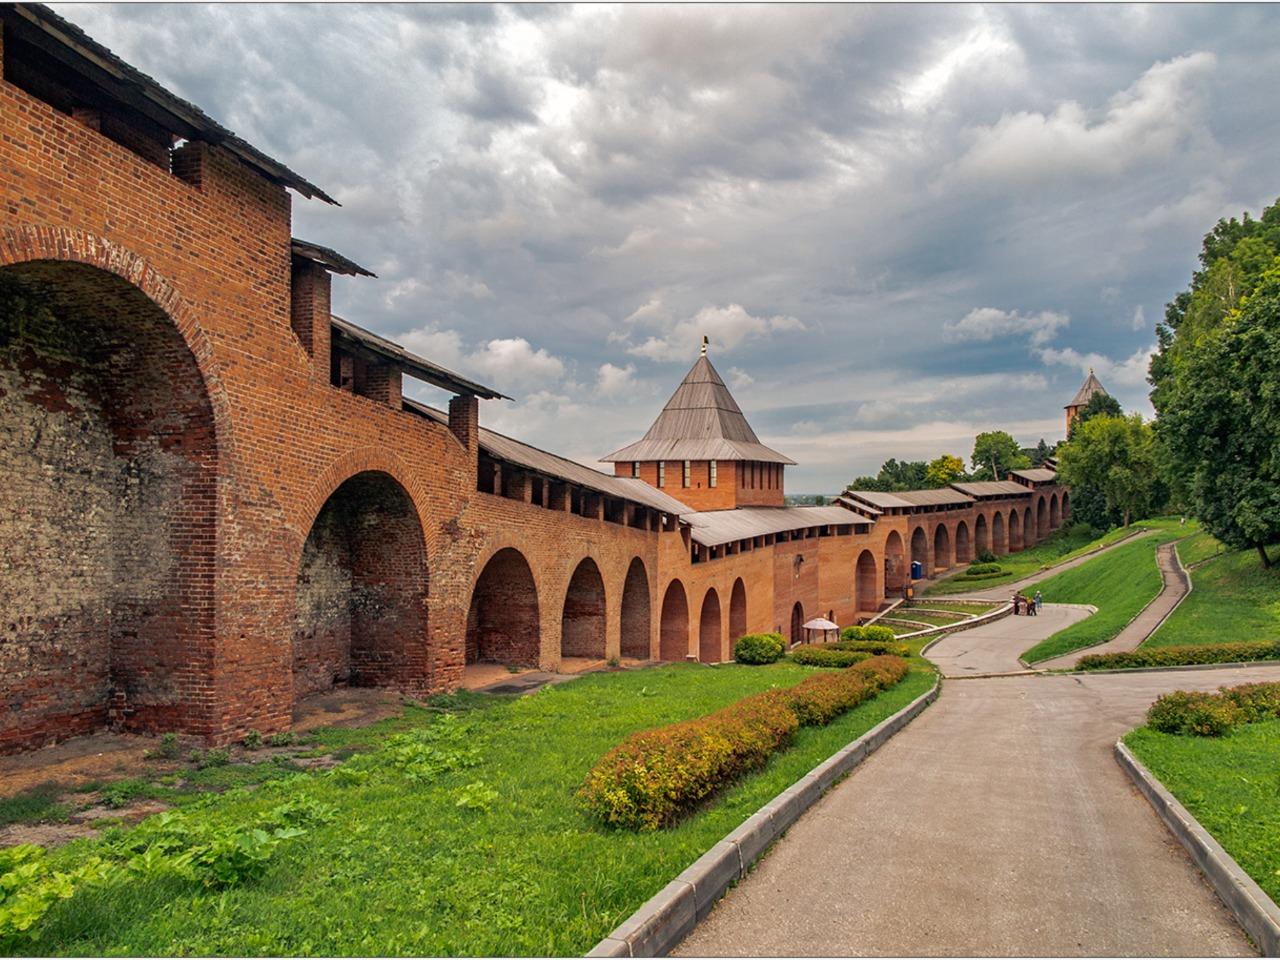 Откуда есть пошел город Нижний Новьград - индивидуальная экскурсия по Нижнему Новгороду от опытного гида